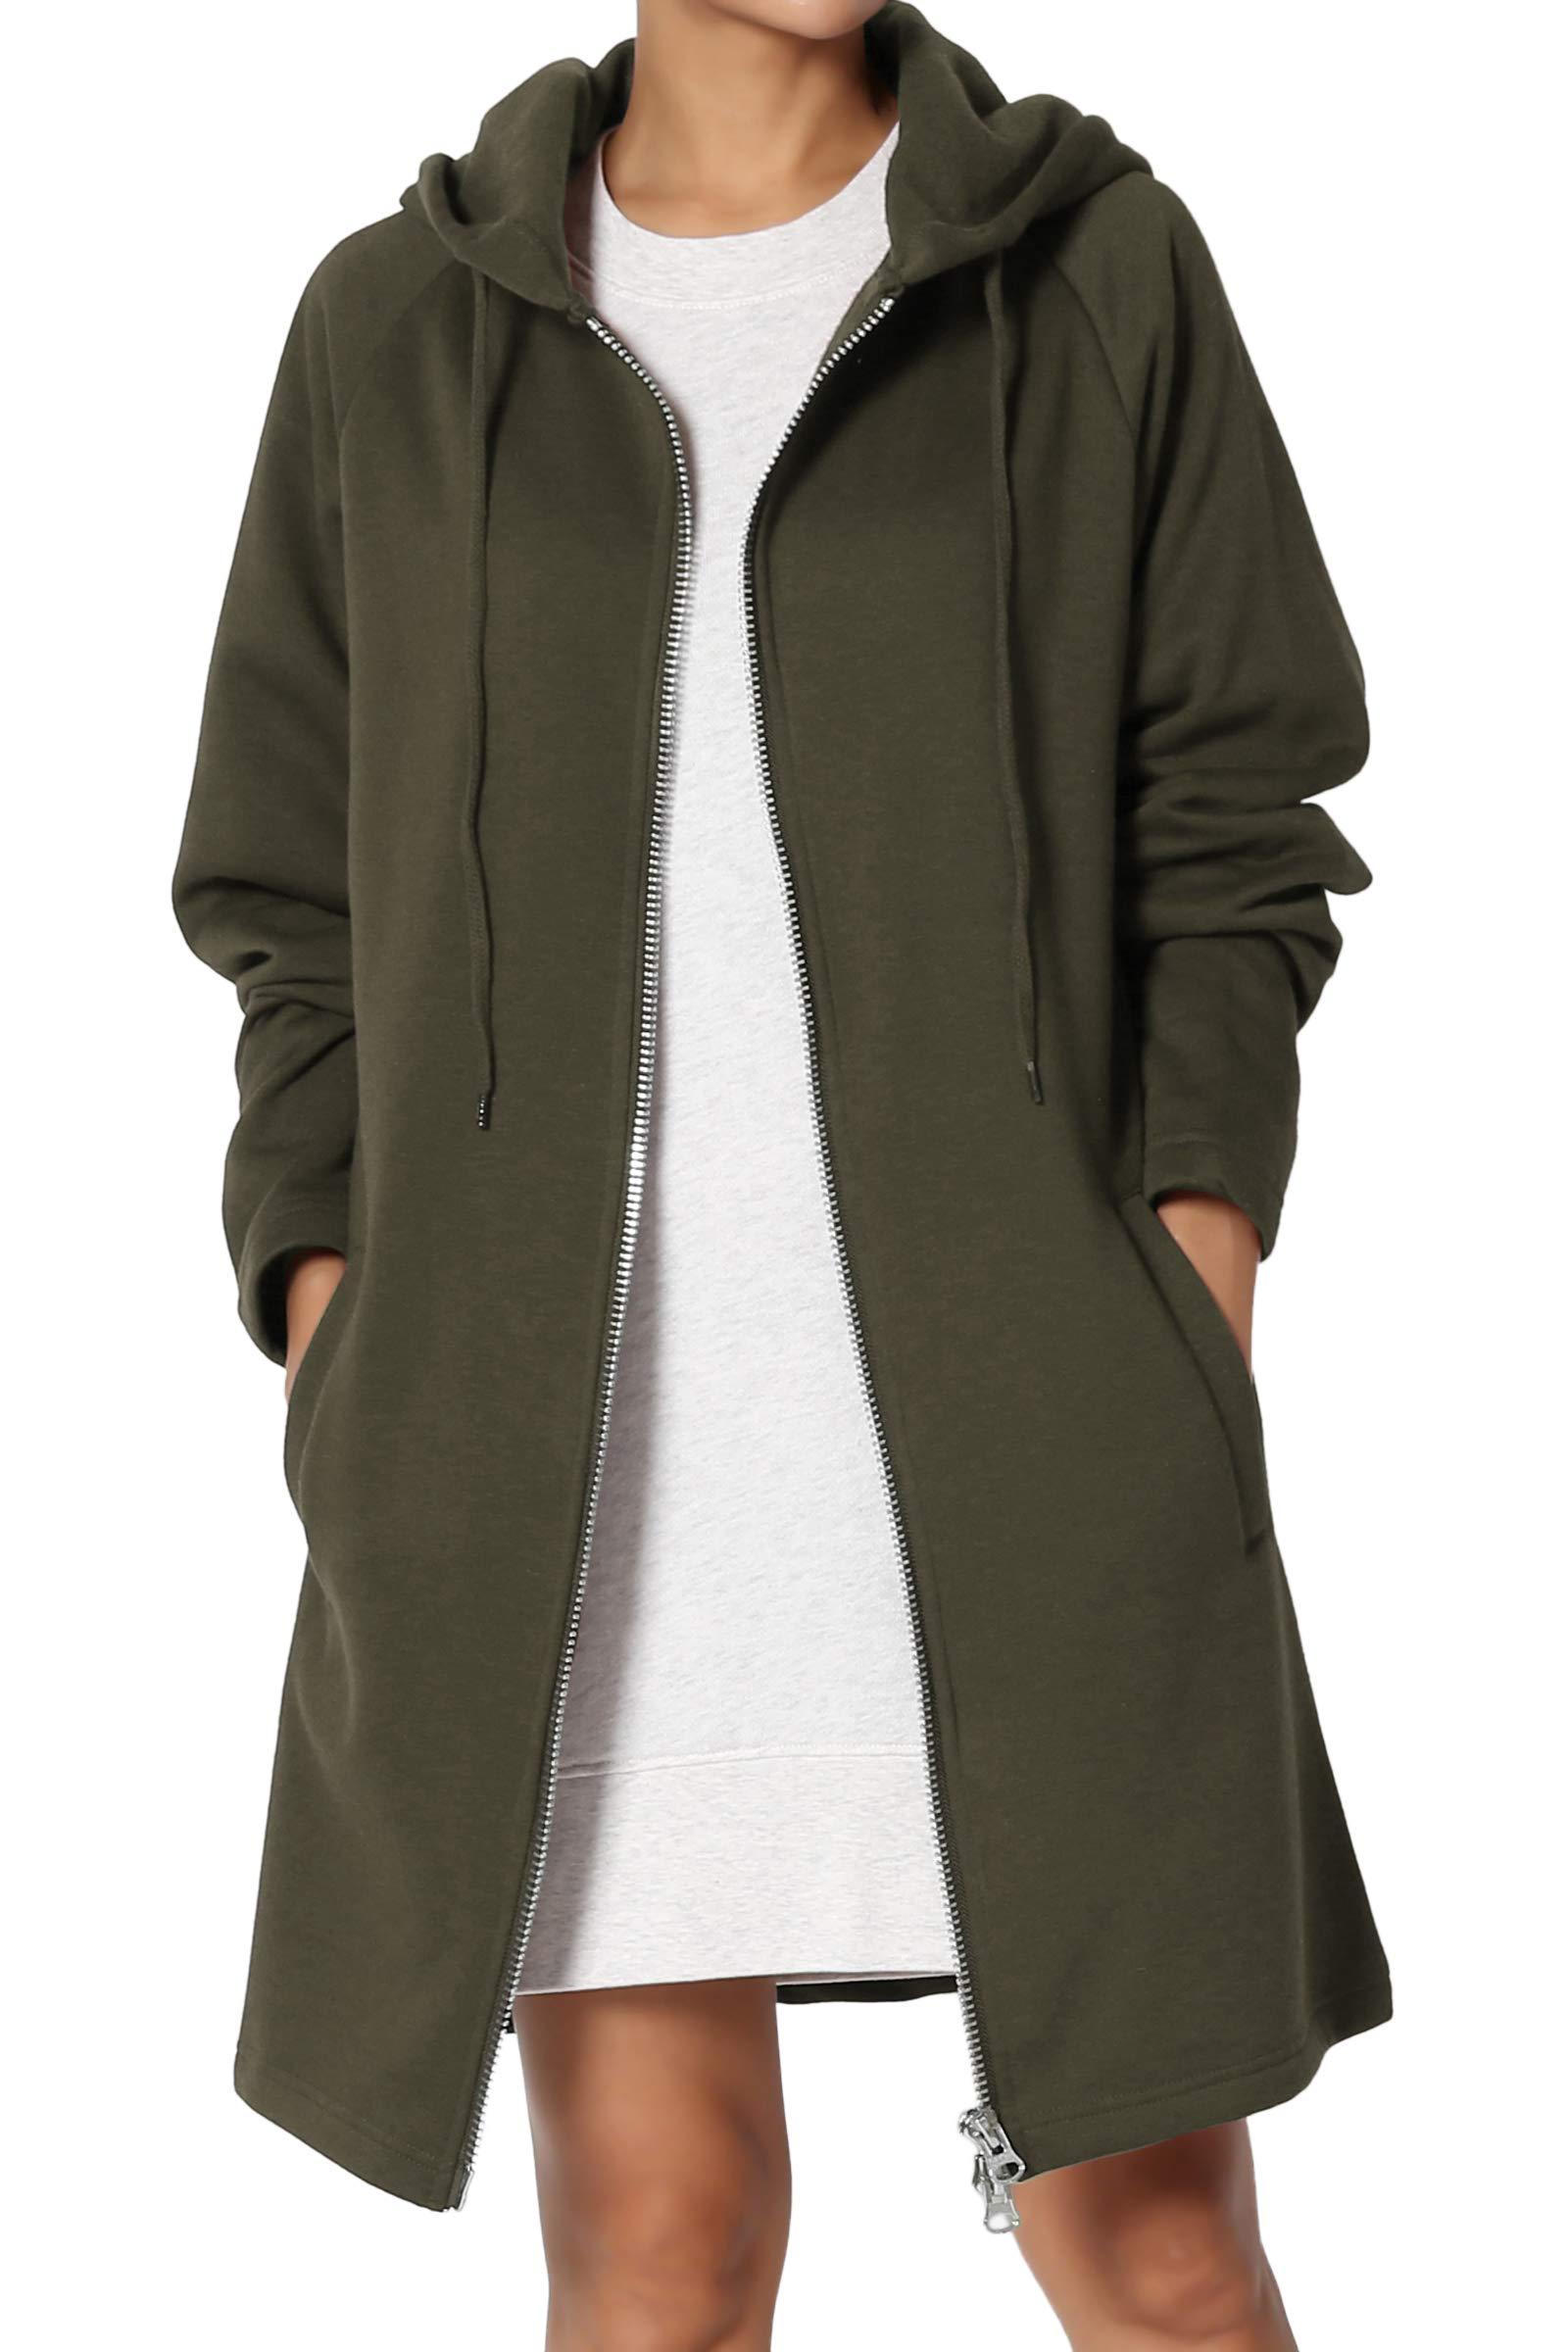 TheMogan Women's Hoodie Oversized Zip Up Long Fleece Sweat Jacket Olive 3XL